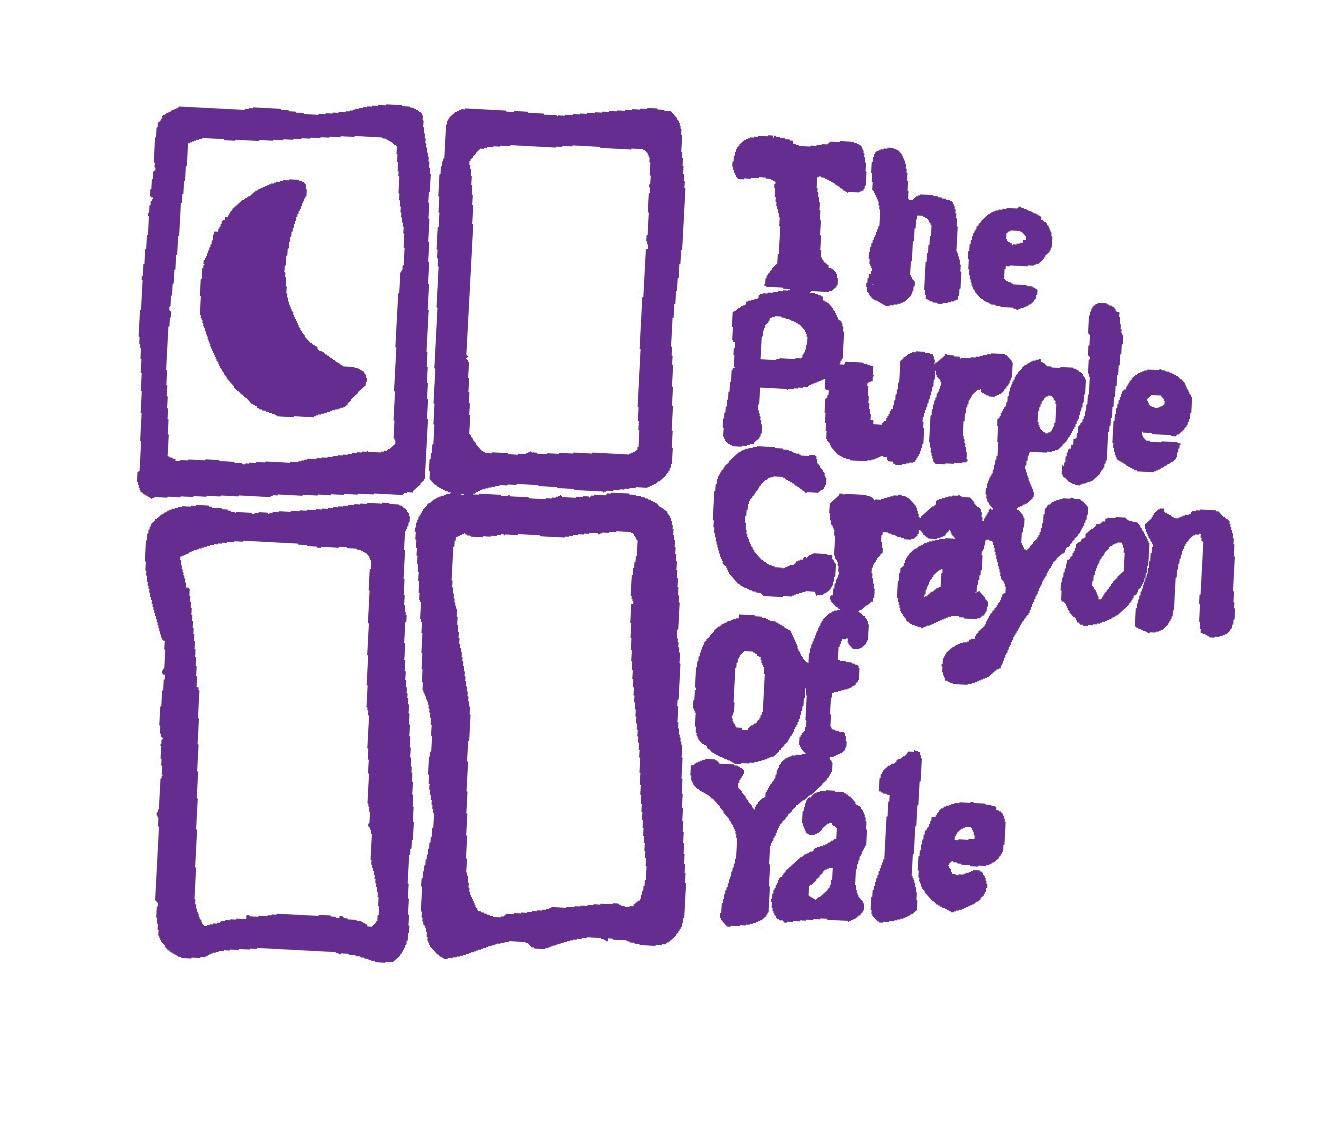 purple crayon wikipedia